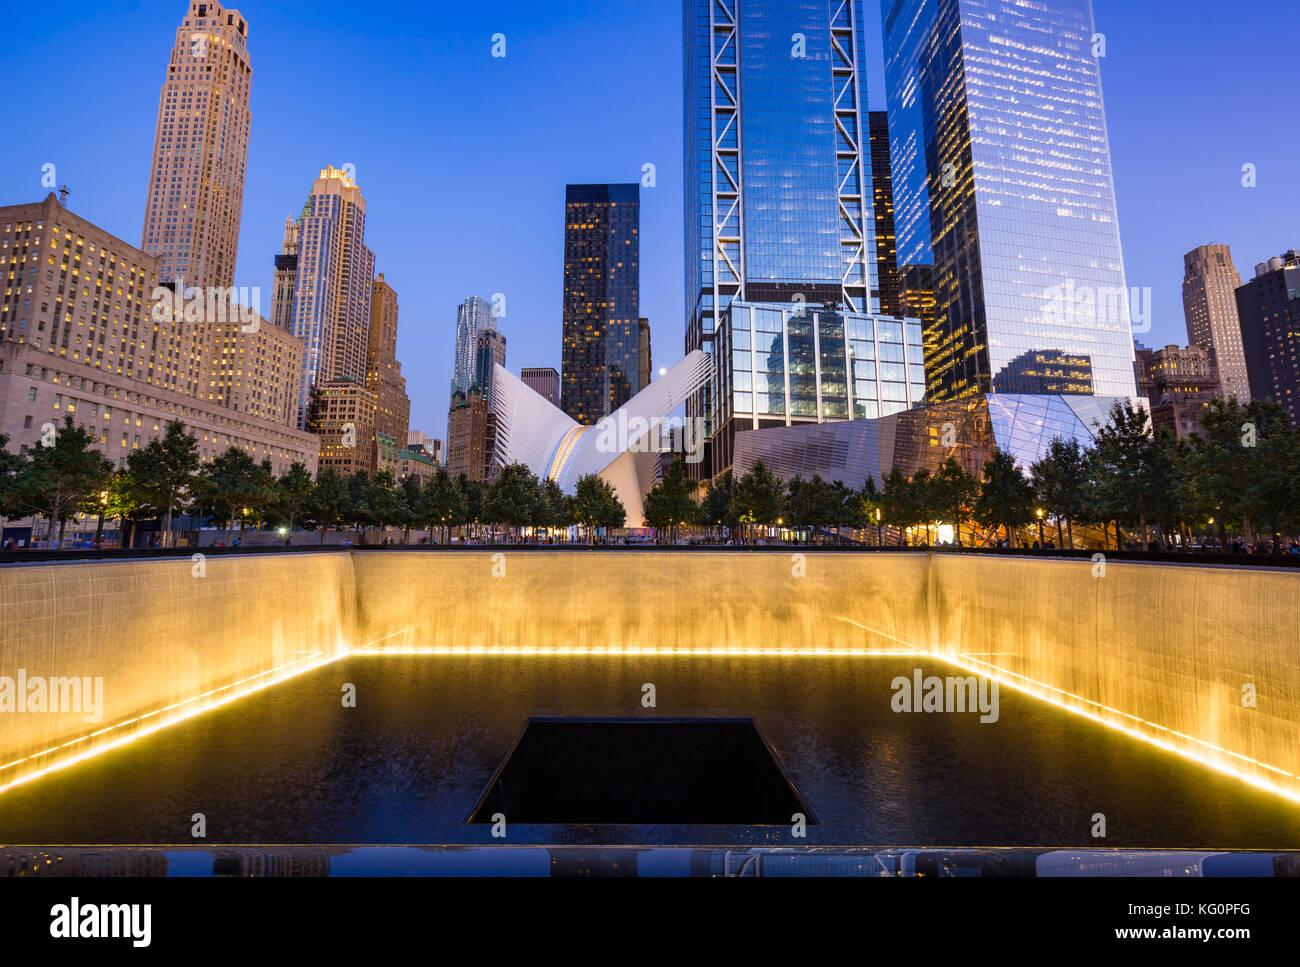 Il Nord Pool riflettente illuminato al crepuscolo con vista del World Trade Center Torre 3 e 4. La parte inferiore Immagini Stock